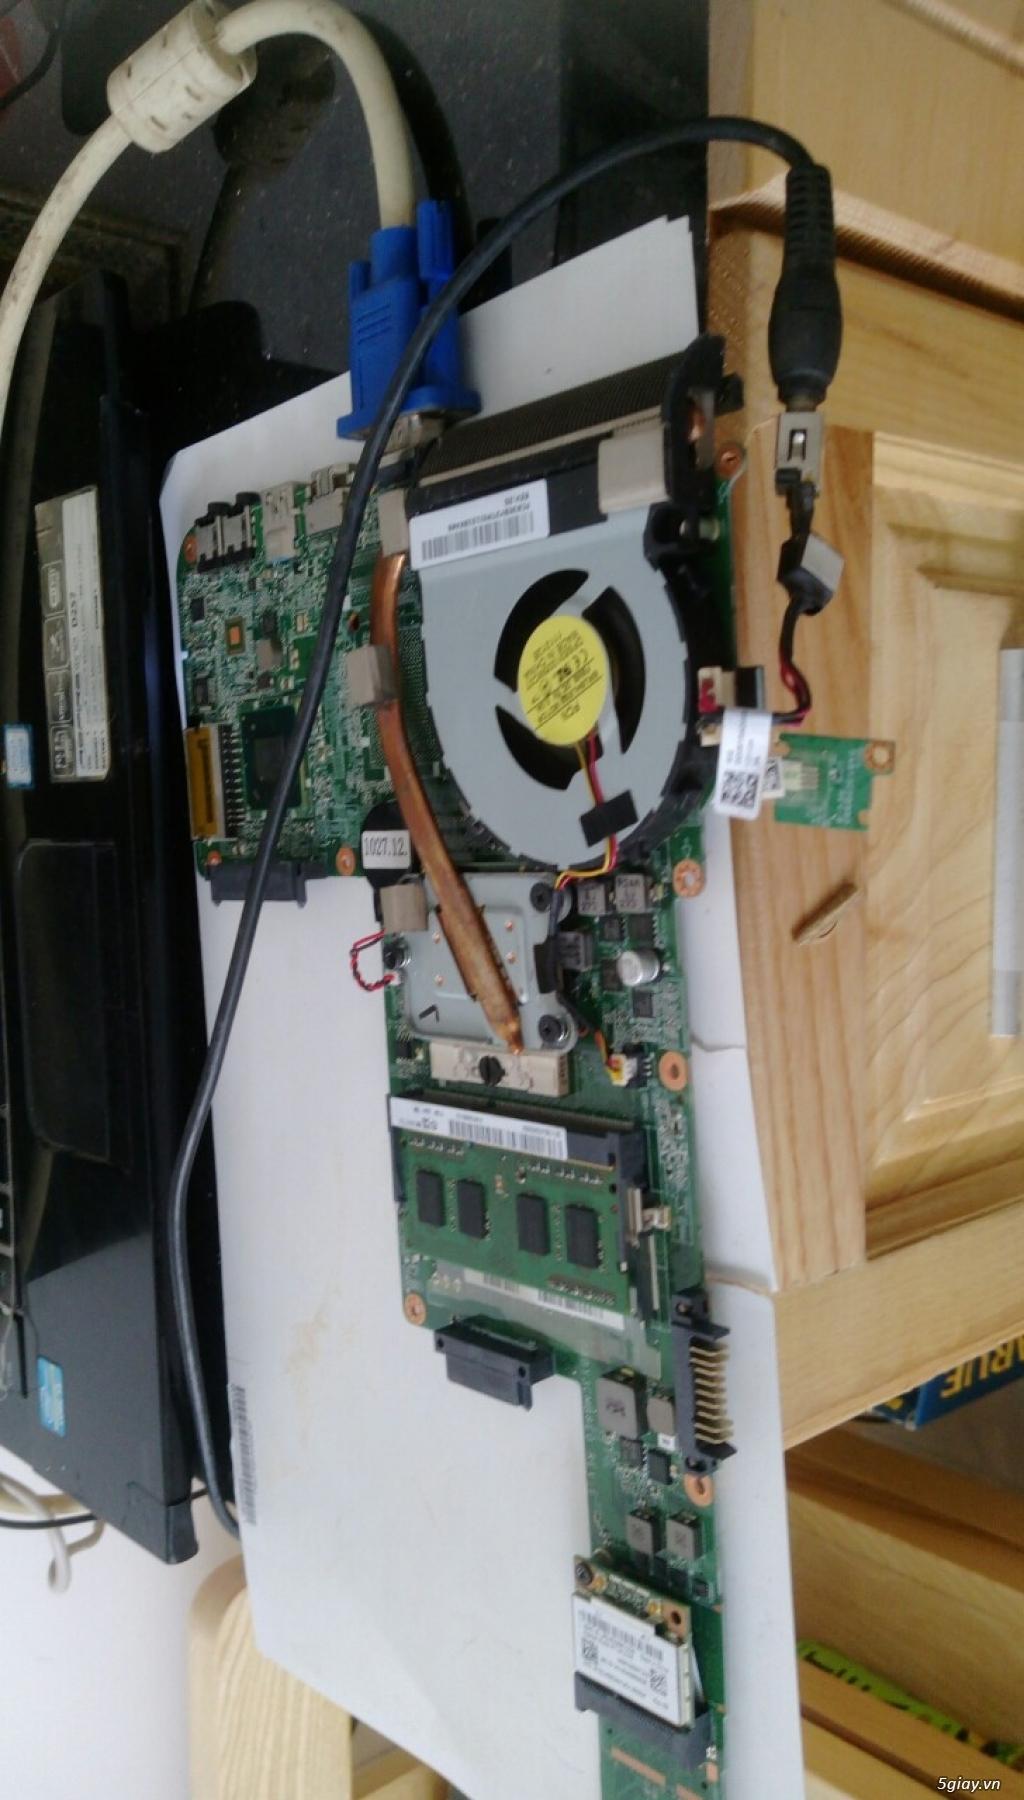 Rã máy sống laptop các loại toshiba asus dell hp lenovo ibm compaq v v - 4